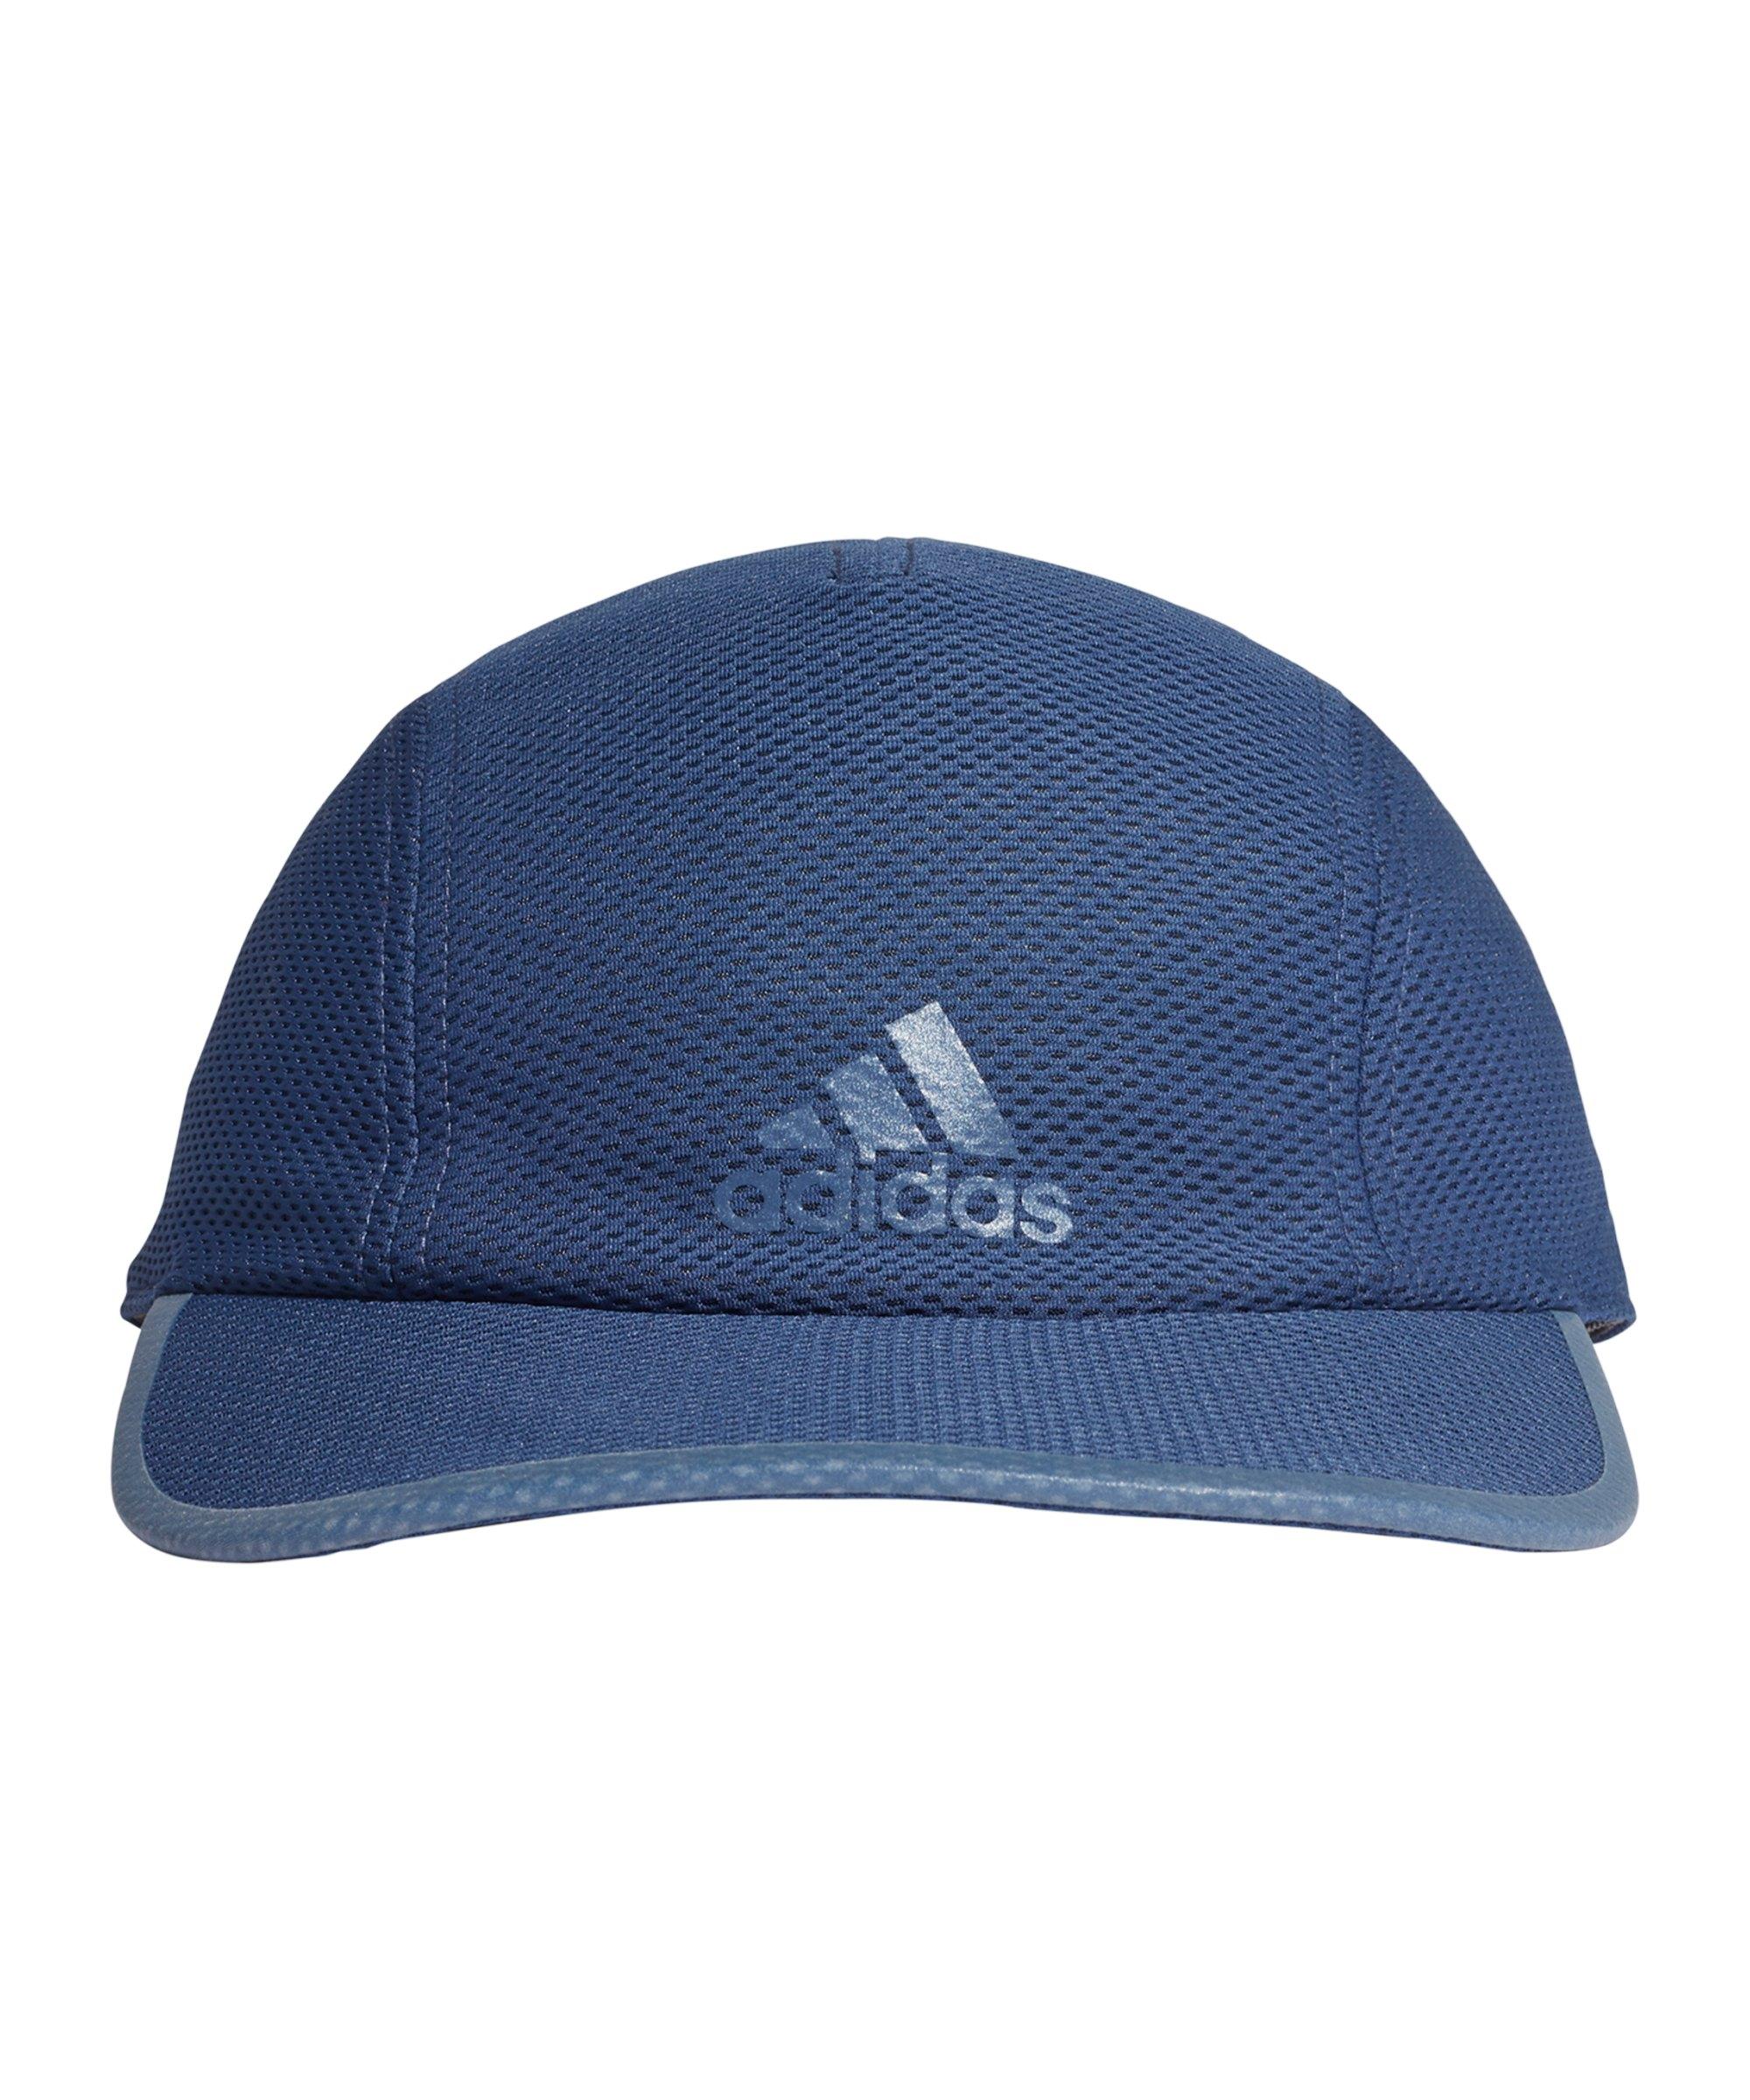 adidas Run Mesh Cap Blau - blau